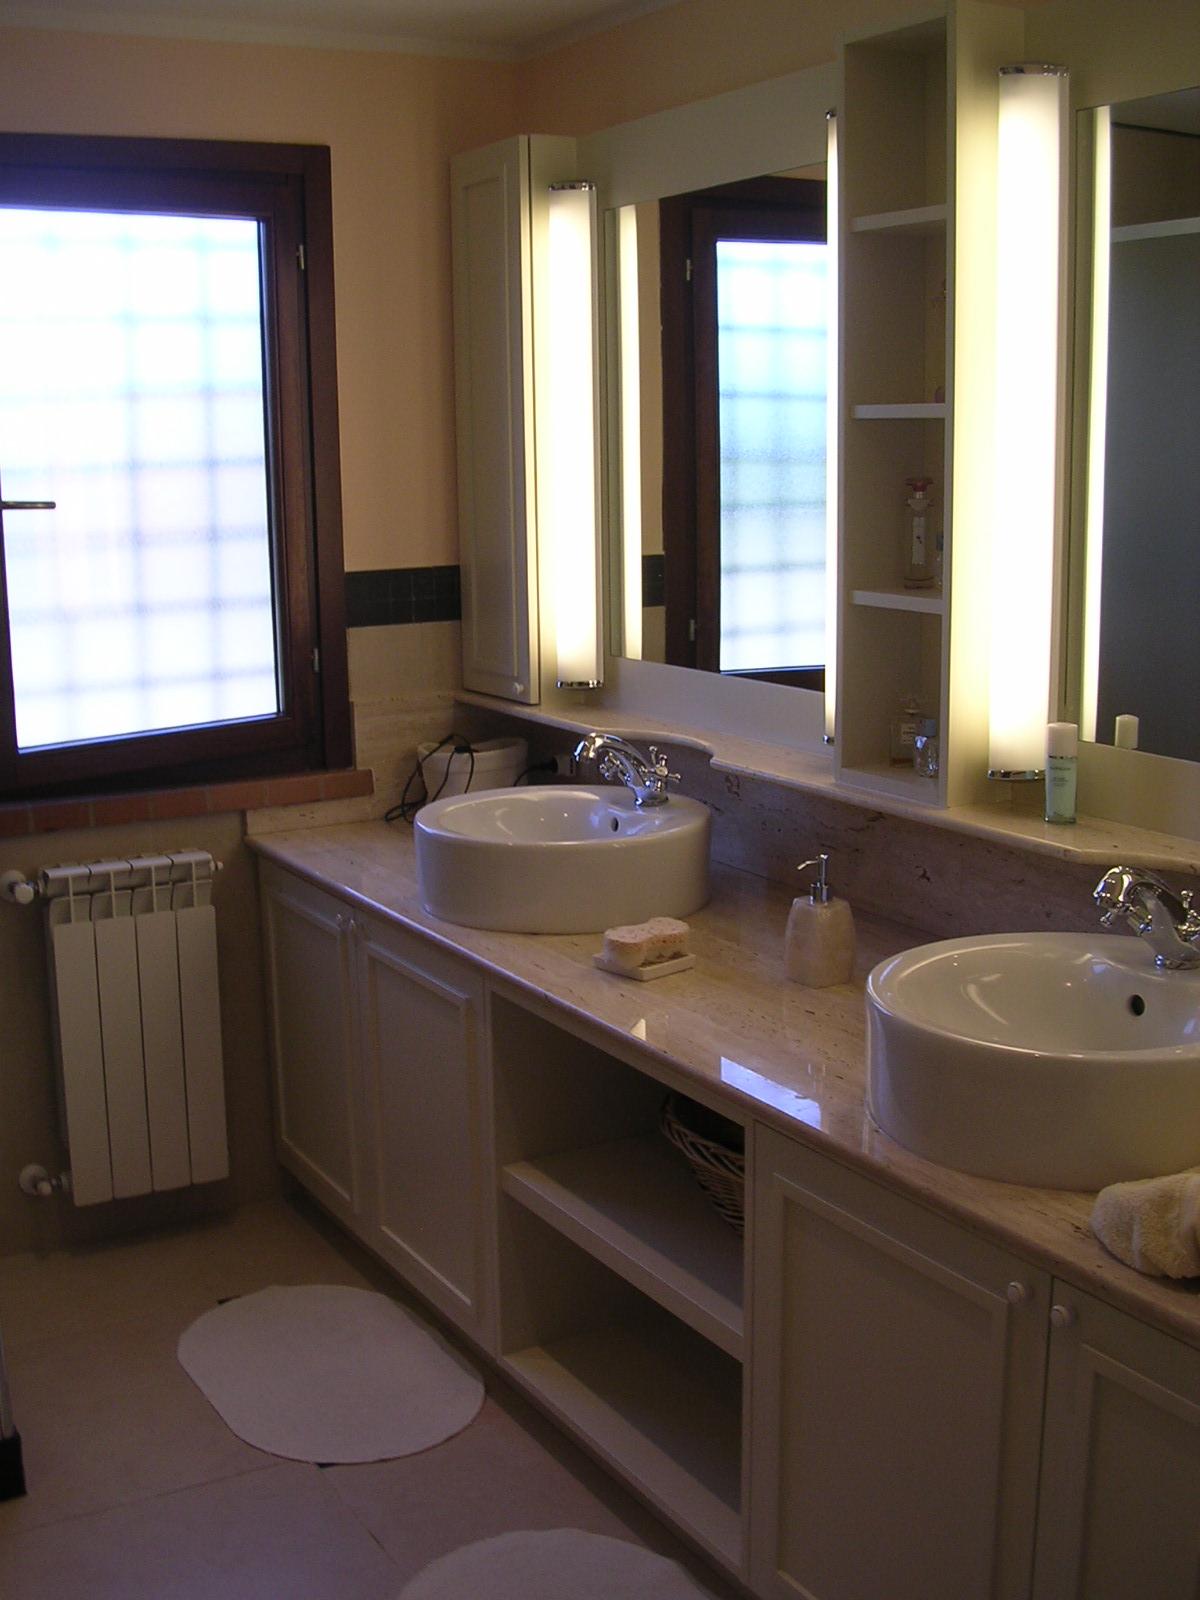 Arredamento di un bagno rdarredamenti roma falegnameria rd arredamenti s r l roma armadi su - Arredamento da bagno ...